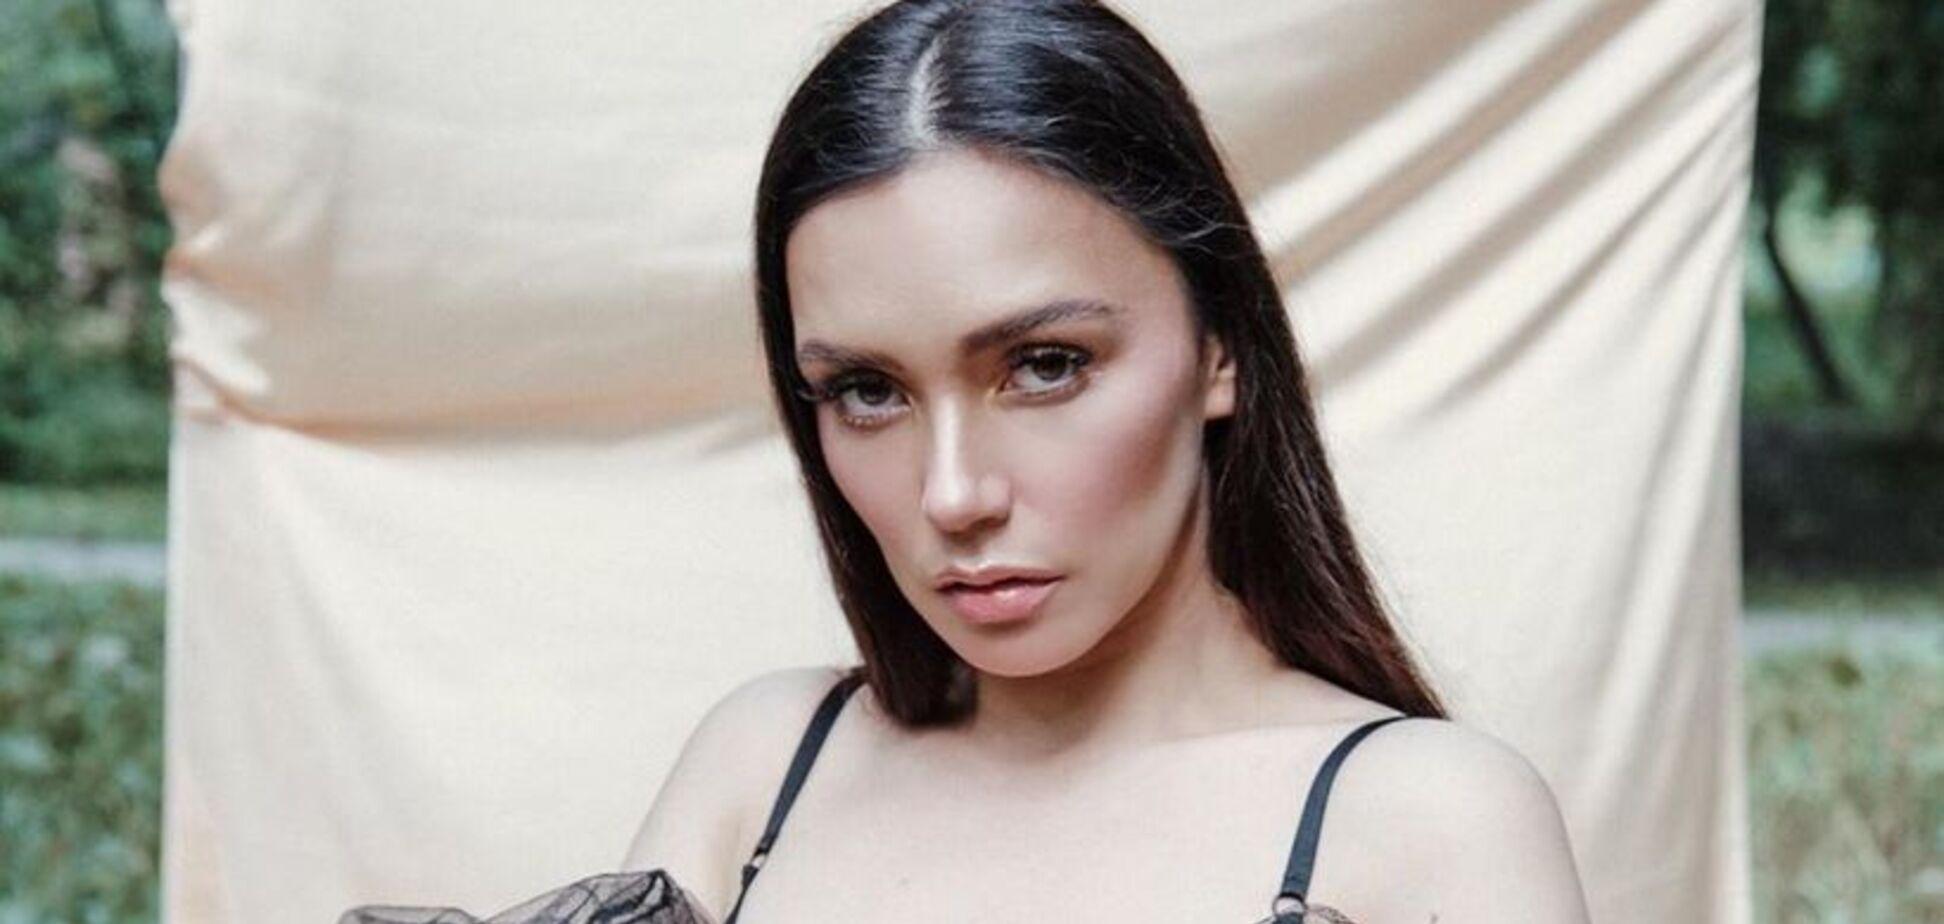 Російська поп-діва розбурхала мережу відвертою фотосесією